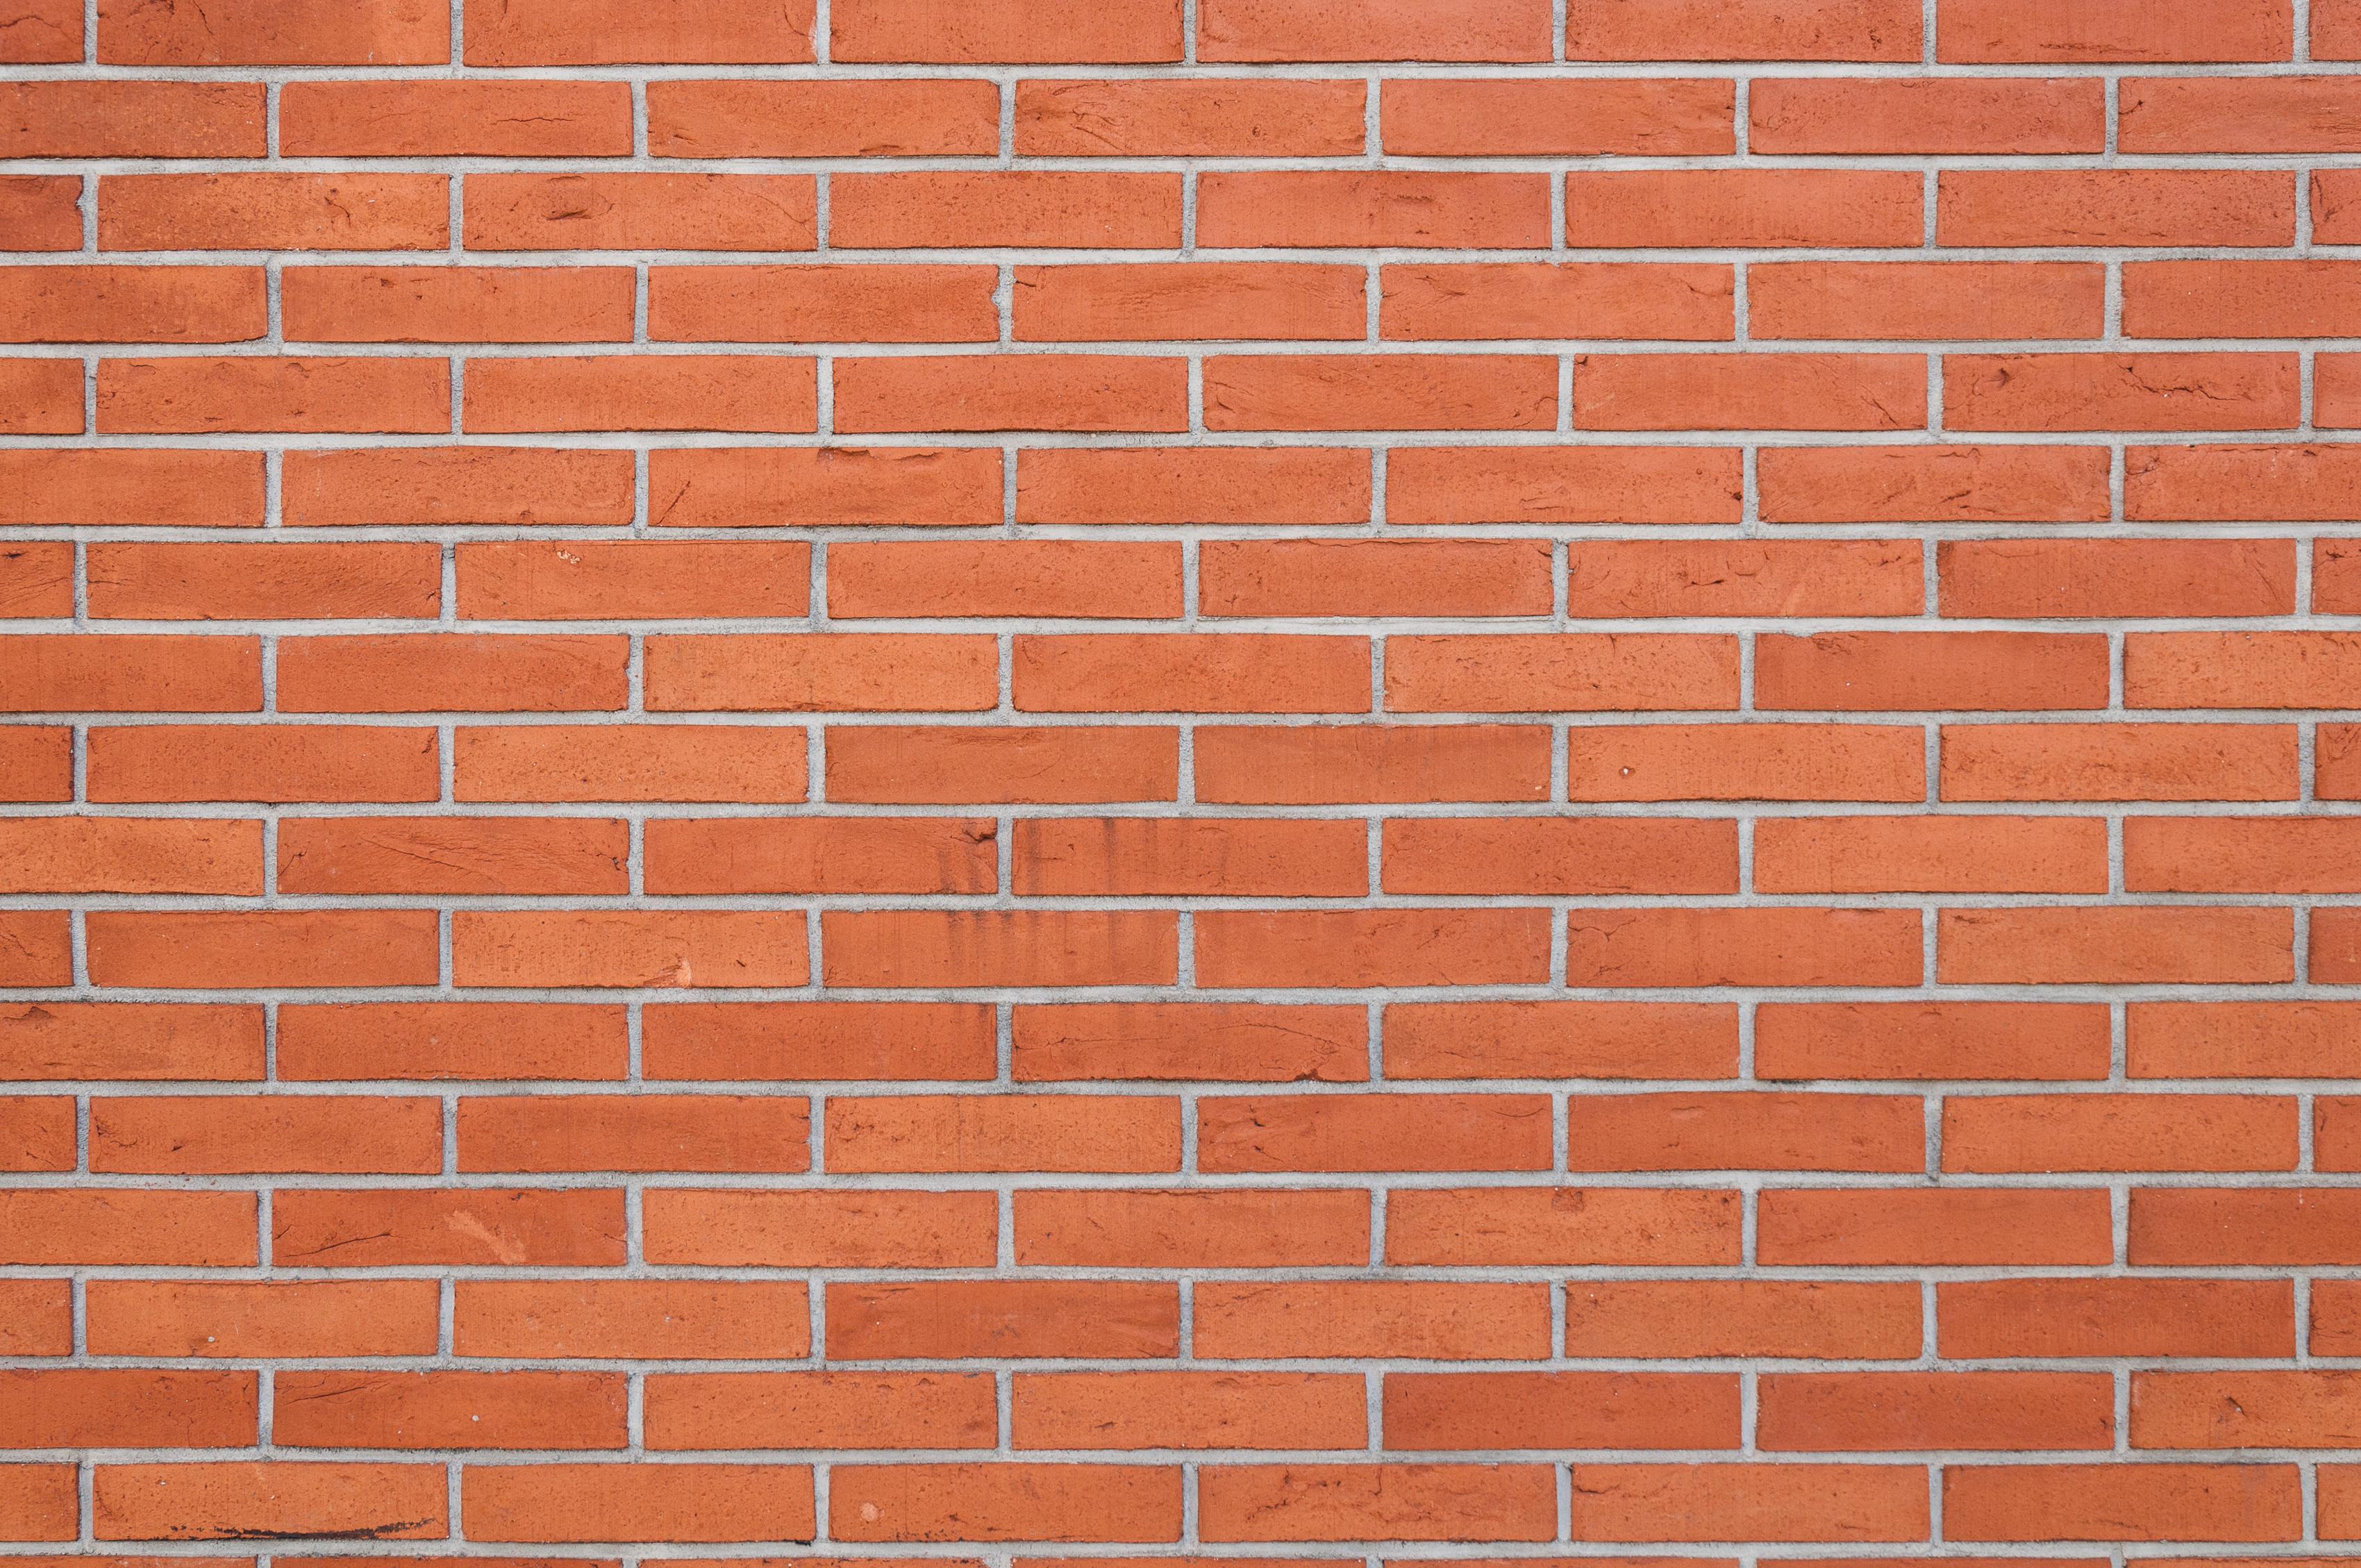 Brick_wall_stretcher_bond_Stuttgart_2014_01.jpg